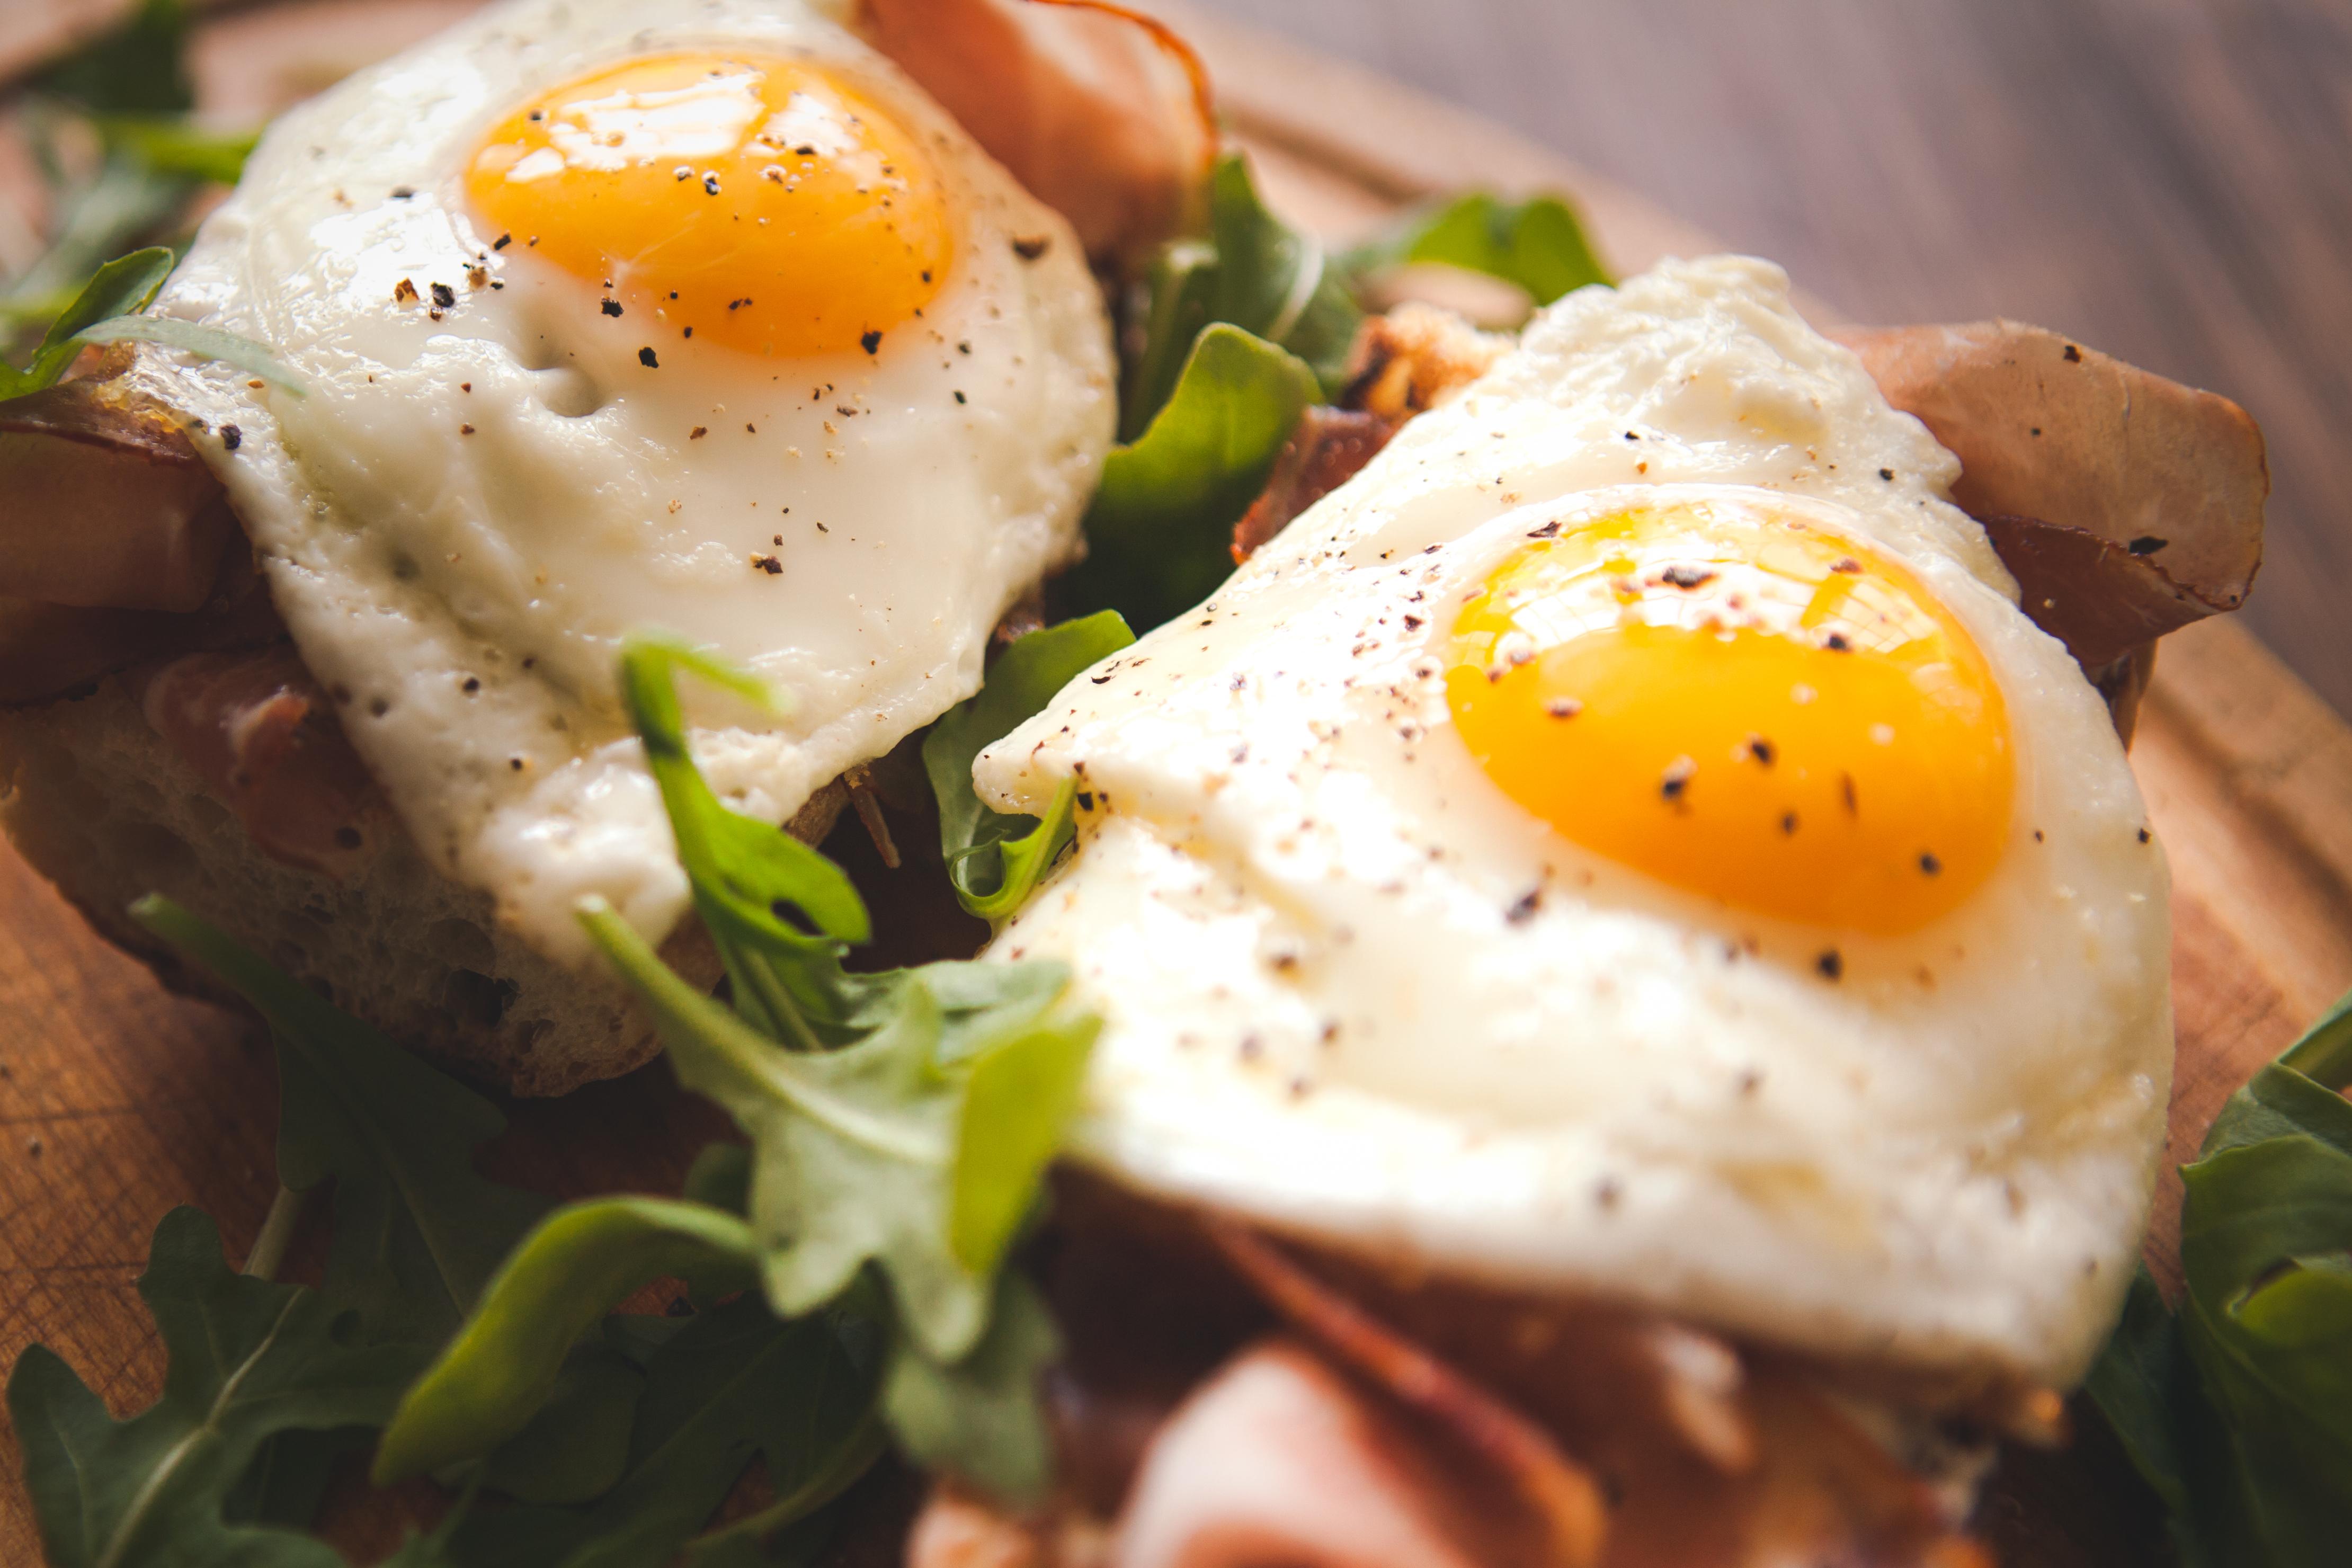 <p><strong>6. Яйца</strong></p>  <p>Яйцата са чудесен източник на енергия, тъй като са пълни с протеин. Освен това те са богати на витамини от група В, които помагат на ензимите да изпълняват своите роли в процеса на разграждане на храната за енергия.</p>